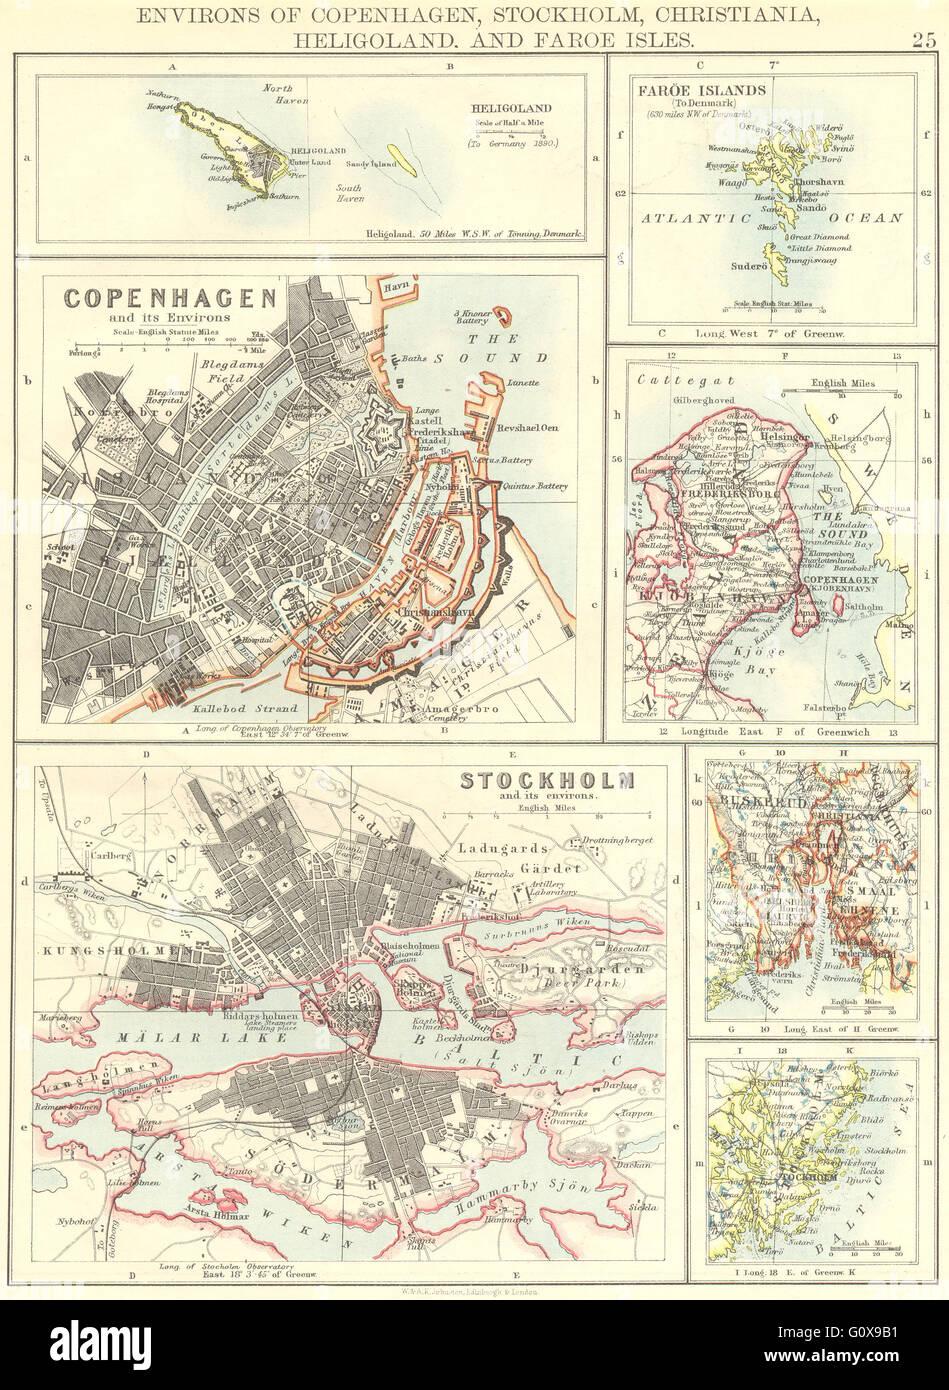 Färöer Inseln Karte.Skandinavien Helgoland Kopenhagen Stockholm Färöer Inseln Oslo